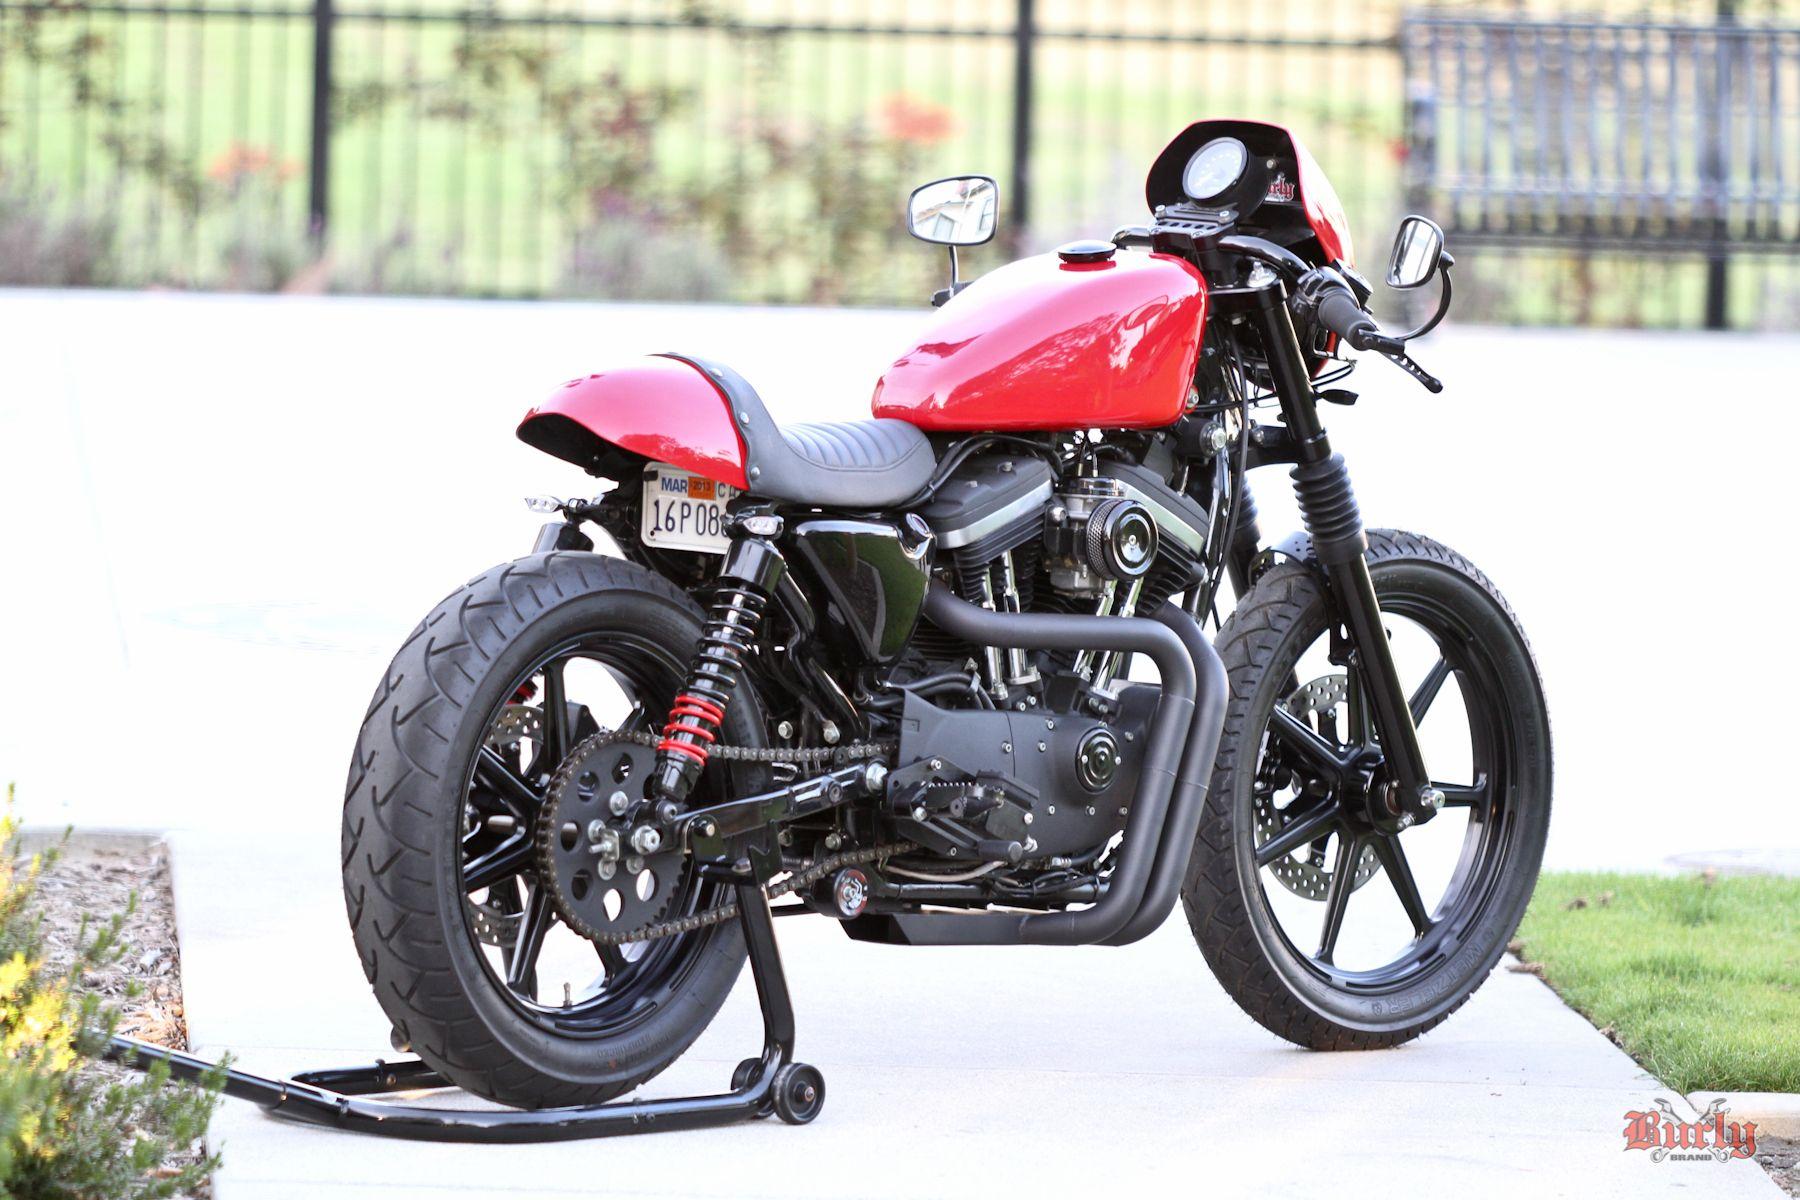 Harley Davidson Sportster XL883 XL1200 Cafe Racer Inspired